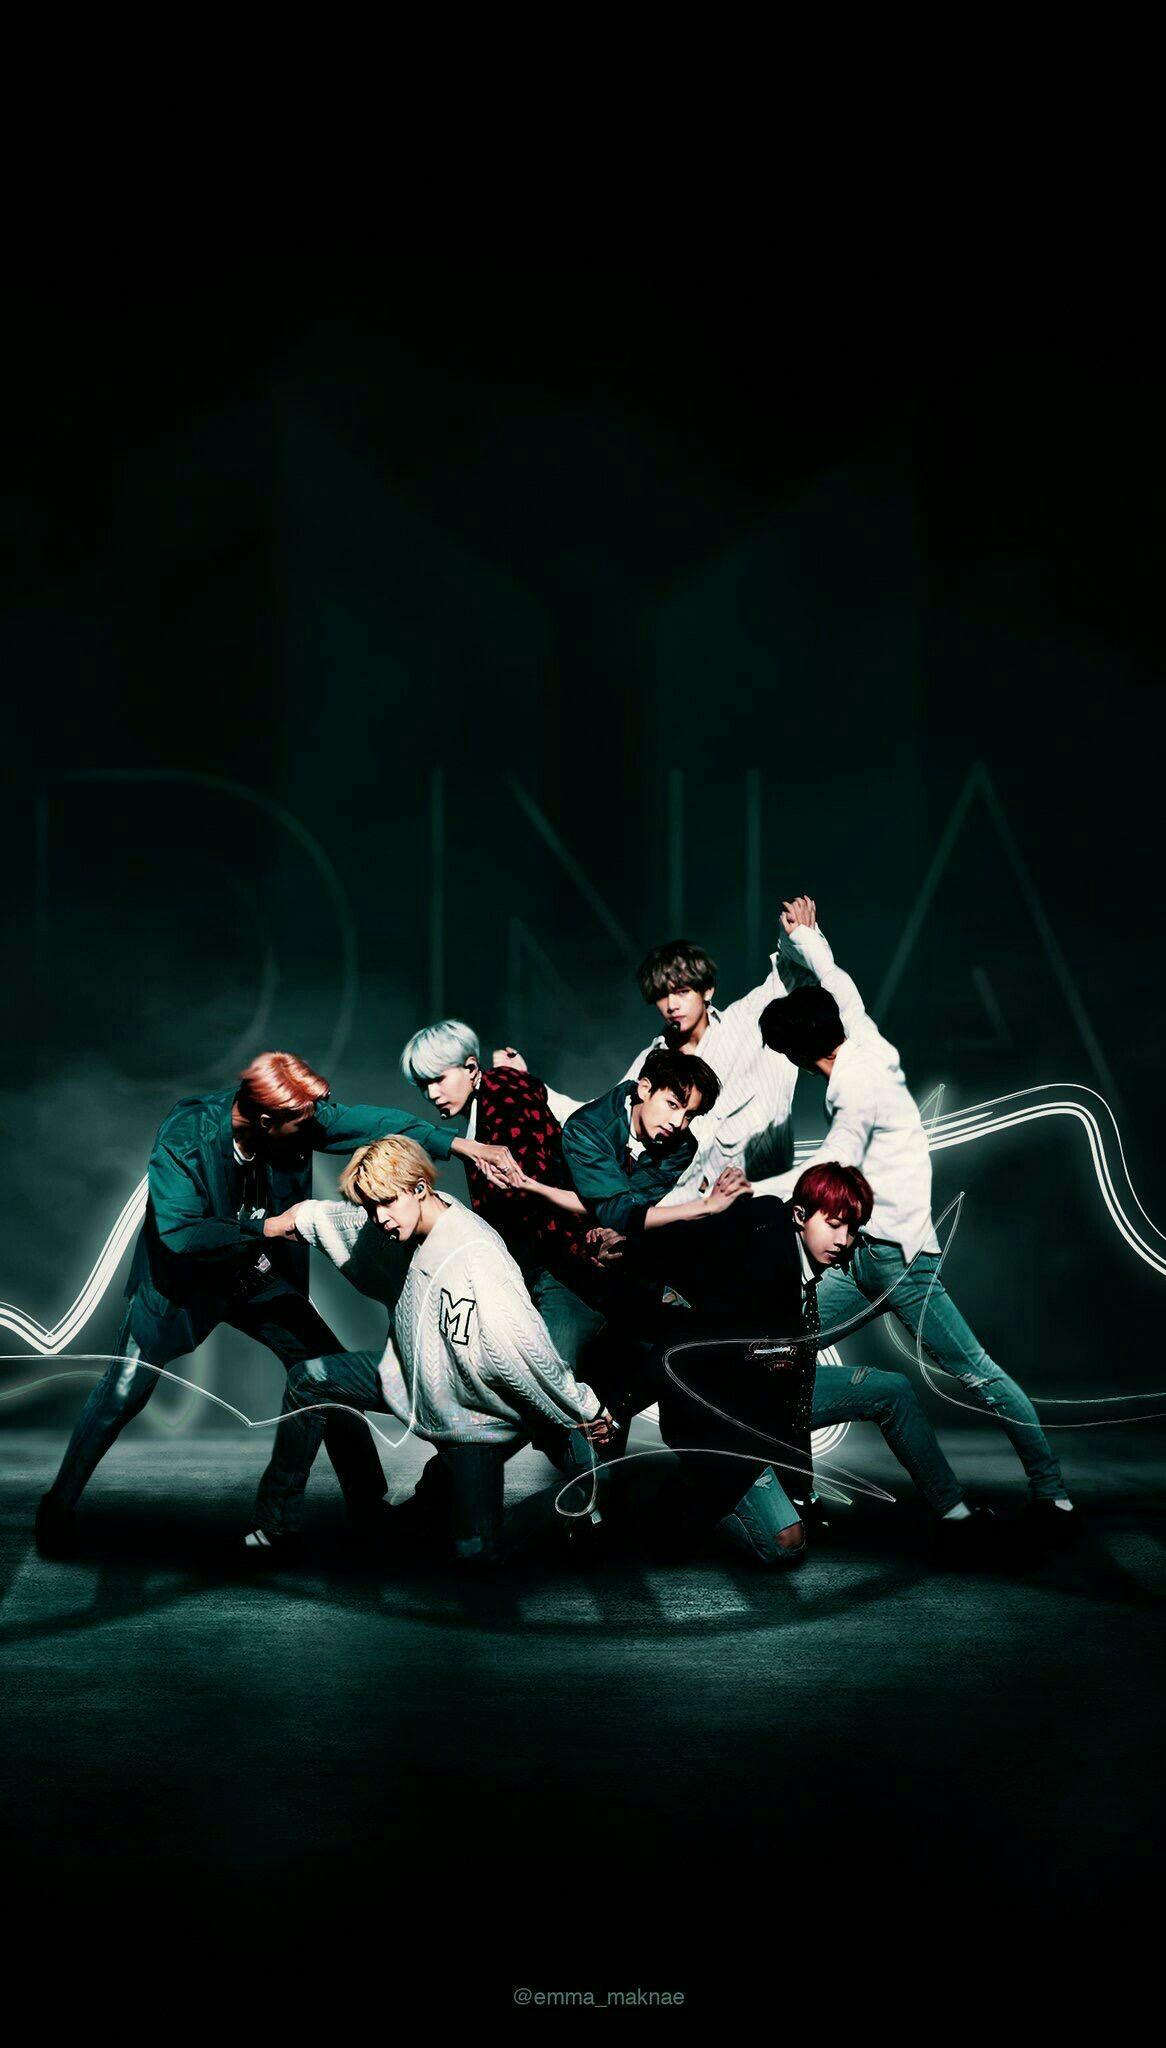 Pin By Fabcandy On Bts Bts Wallpaper Bts Jungkook Bts Boys Bts dark wallpaper hd